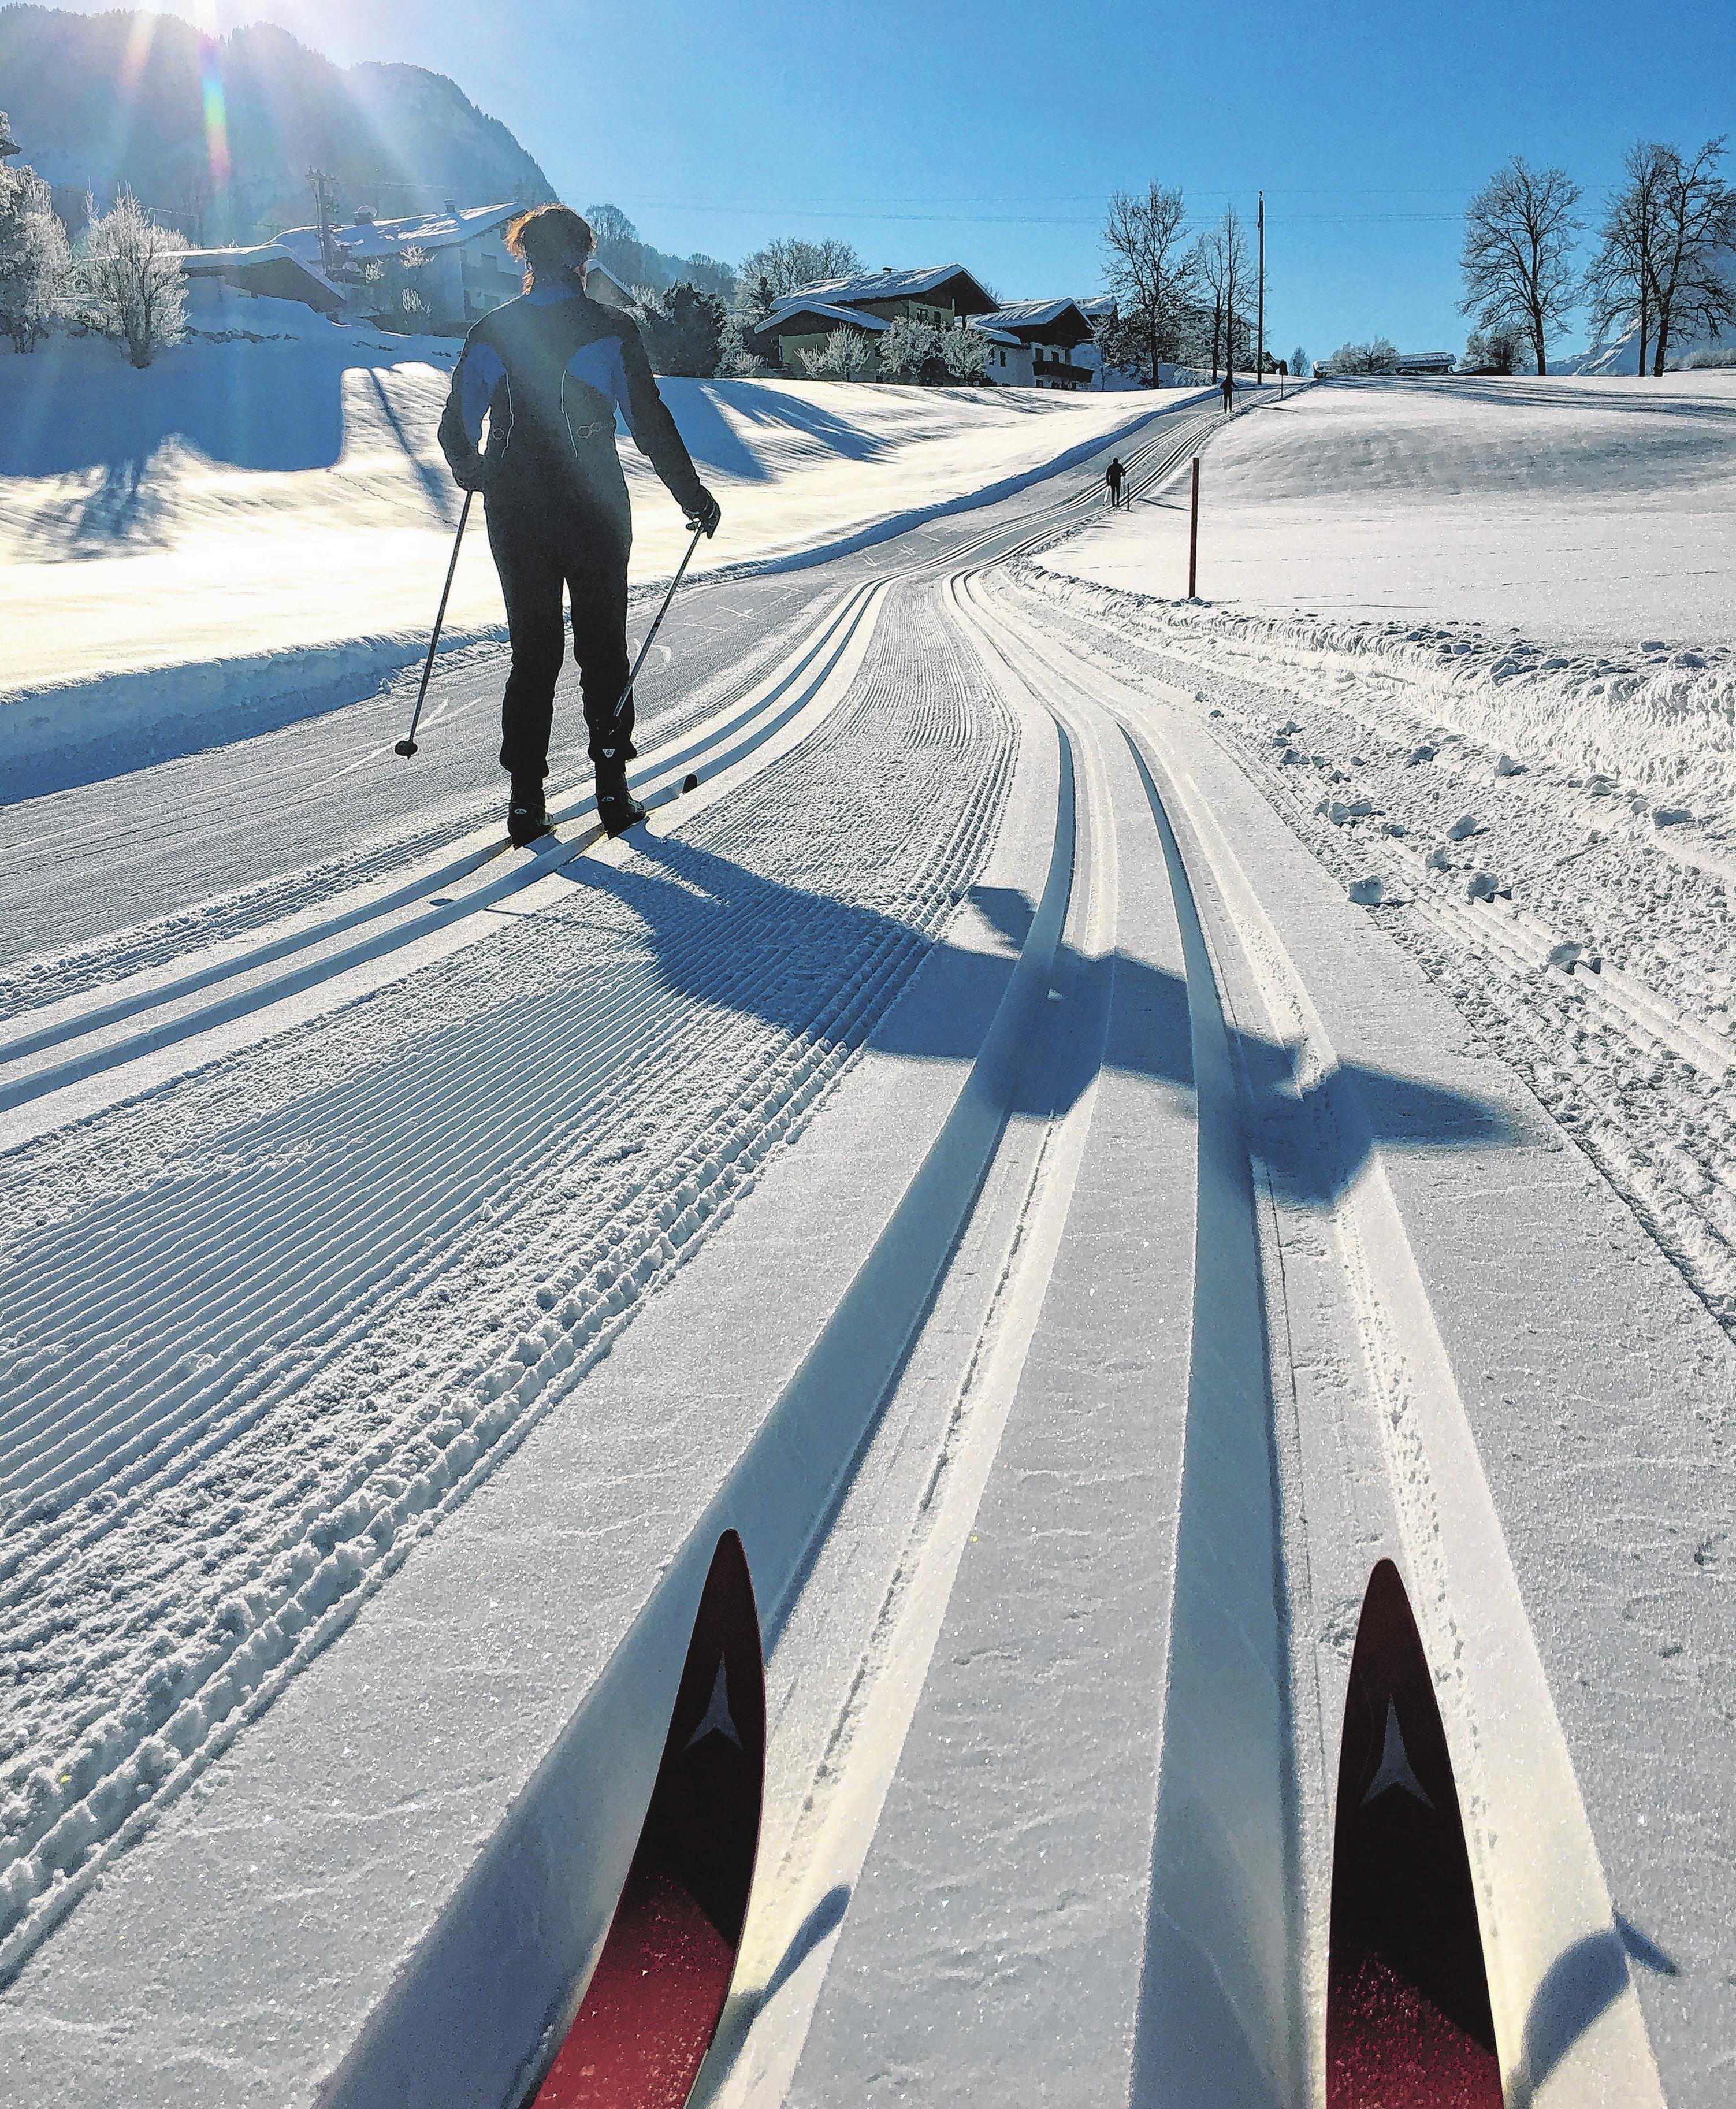 Ob auf der Piste oder in der Loipe - beim Wintersport kann schnell etwas passieren. Foto: cr